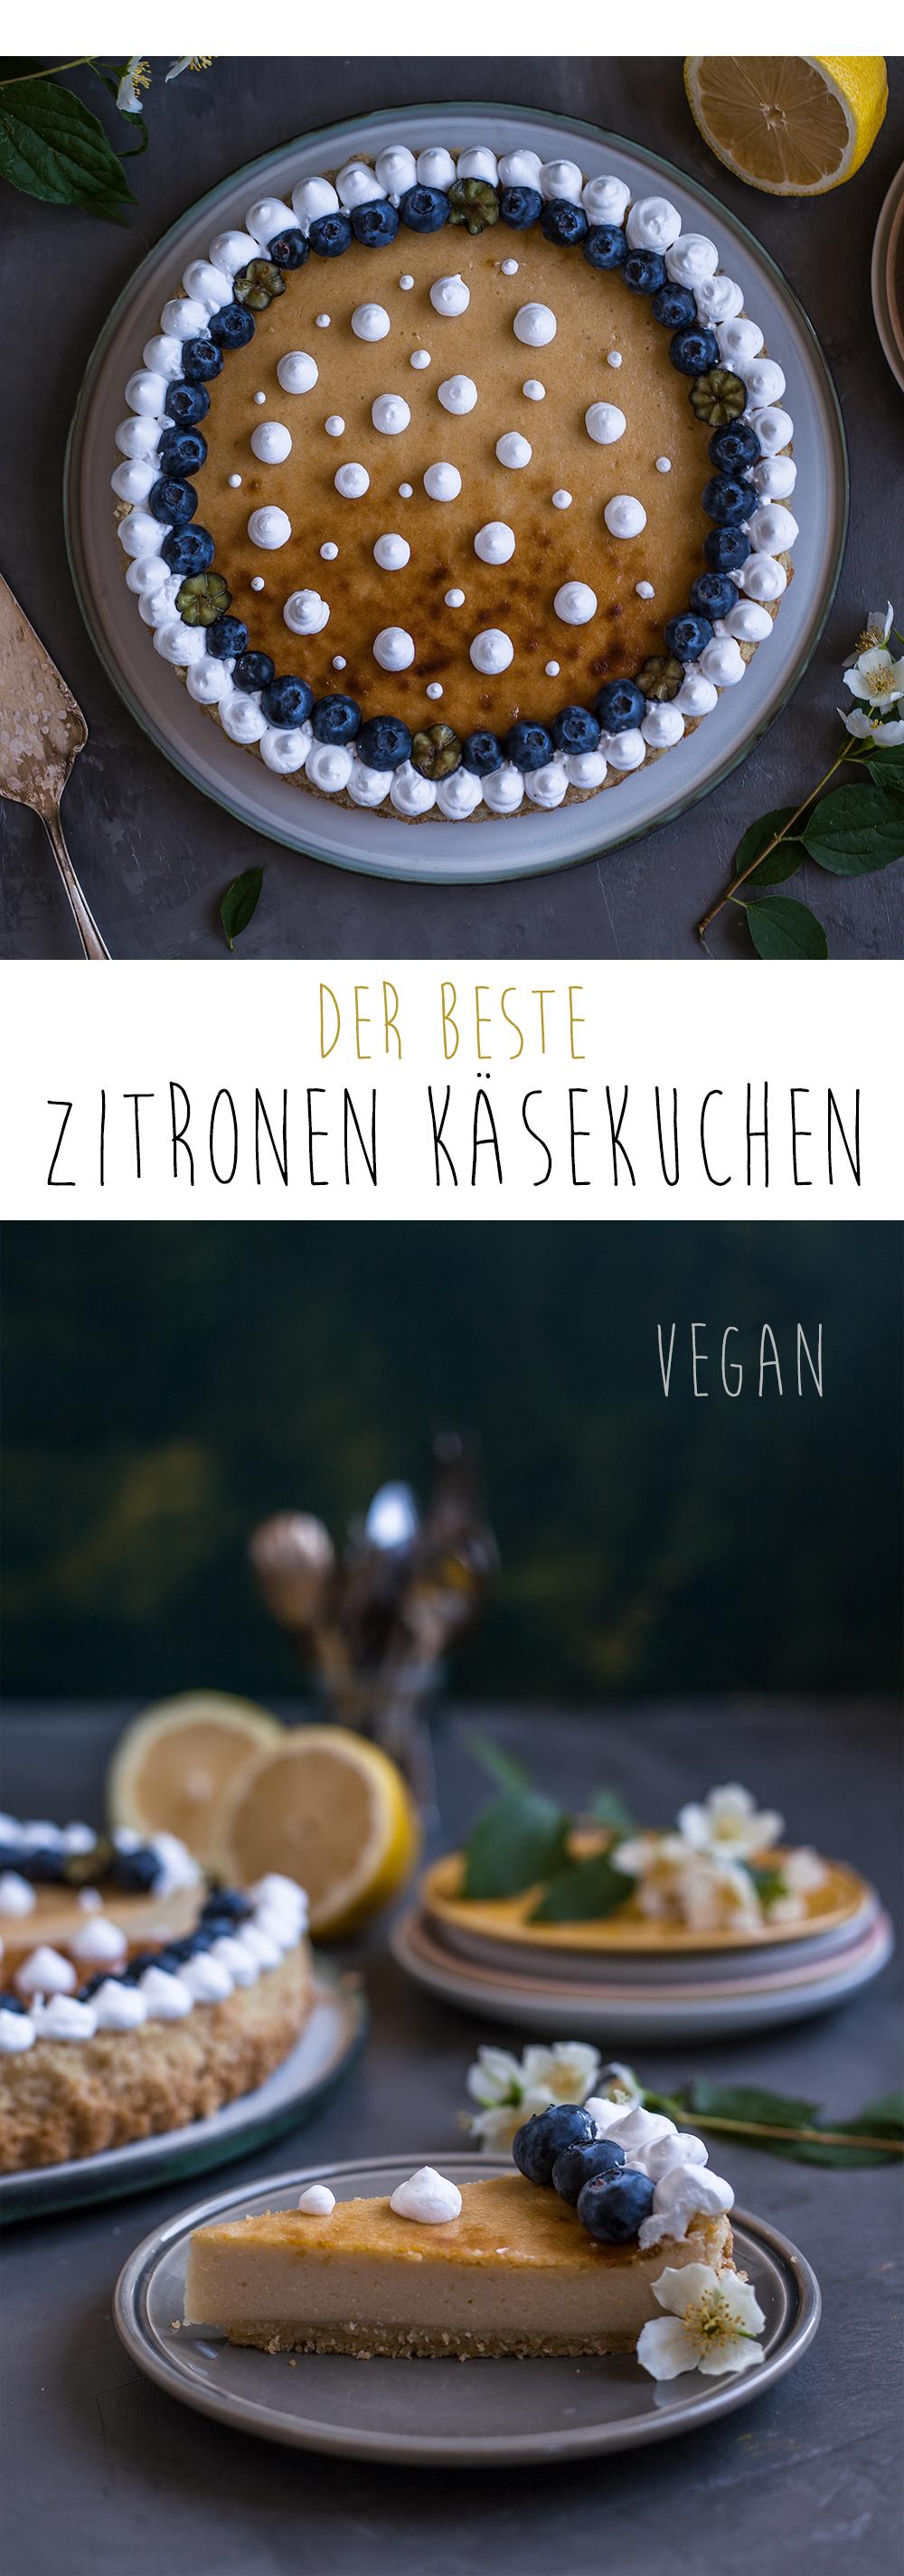 Käsekuchenv vegan Rezept